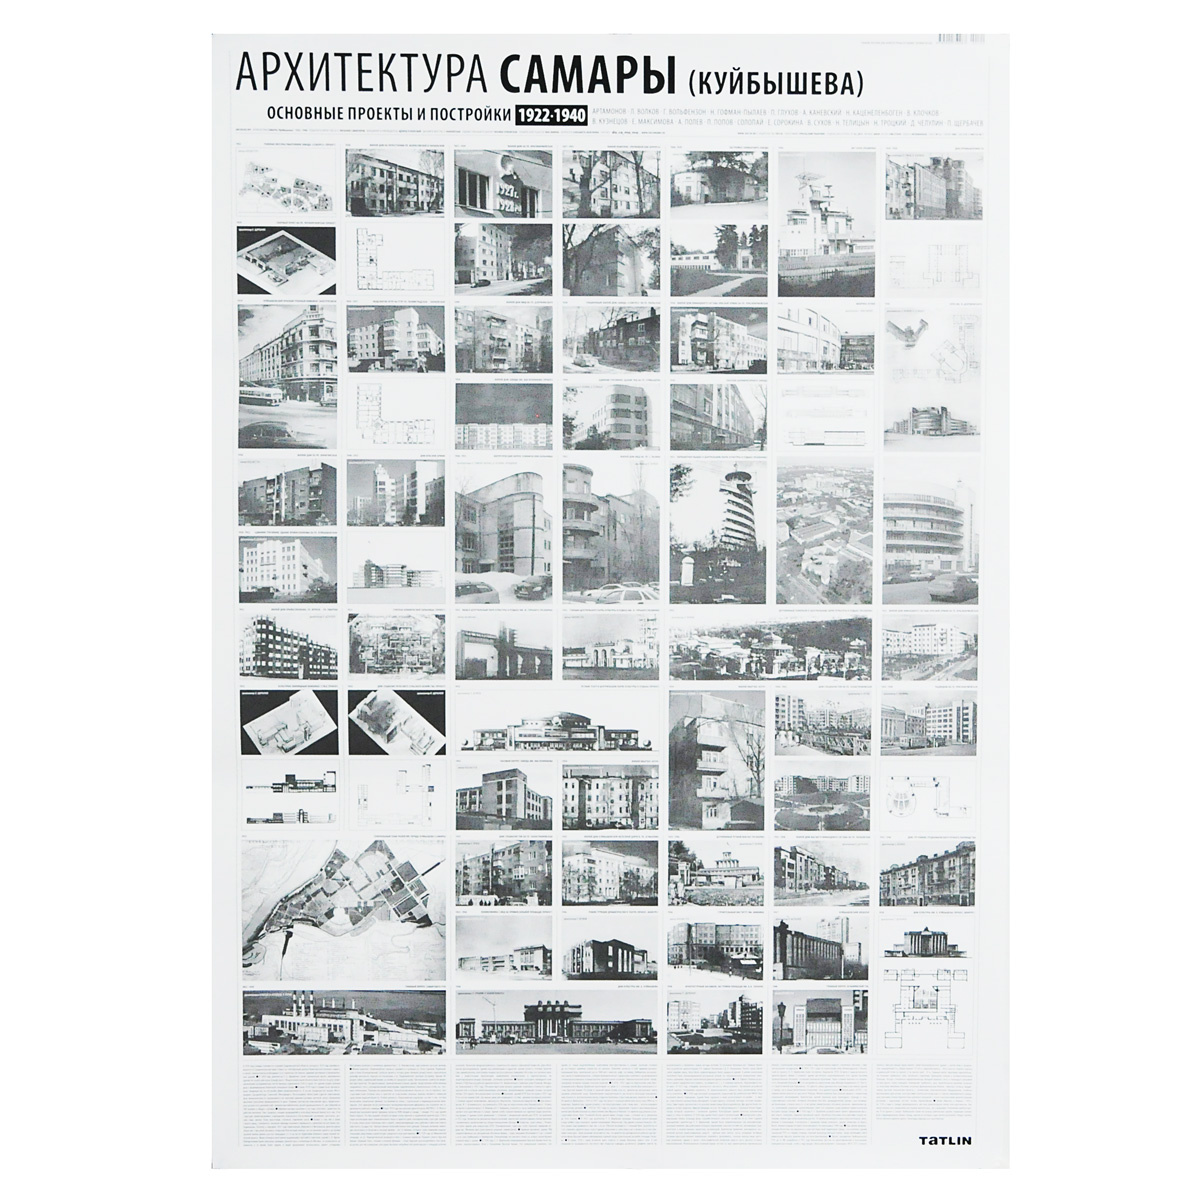 Archilog №9. Архитектура Самары (Куйбышева). 1922-1940. Плакат #1